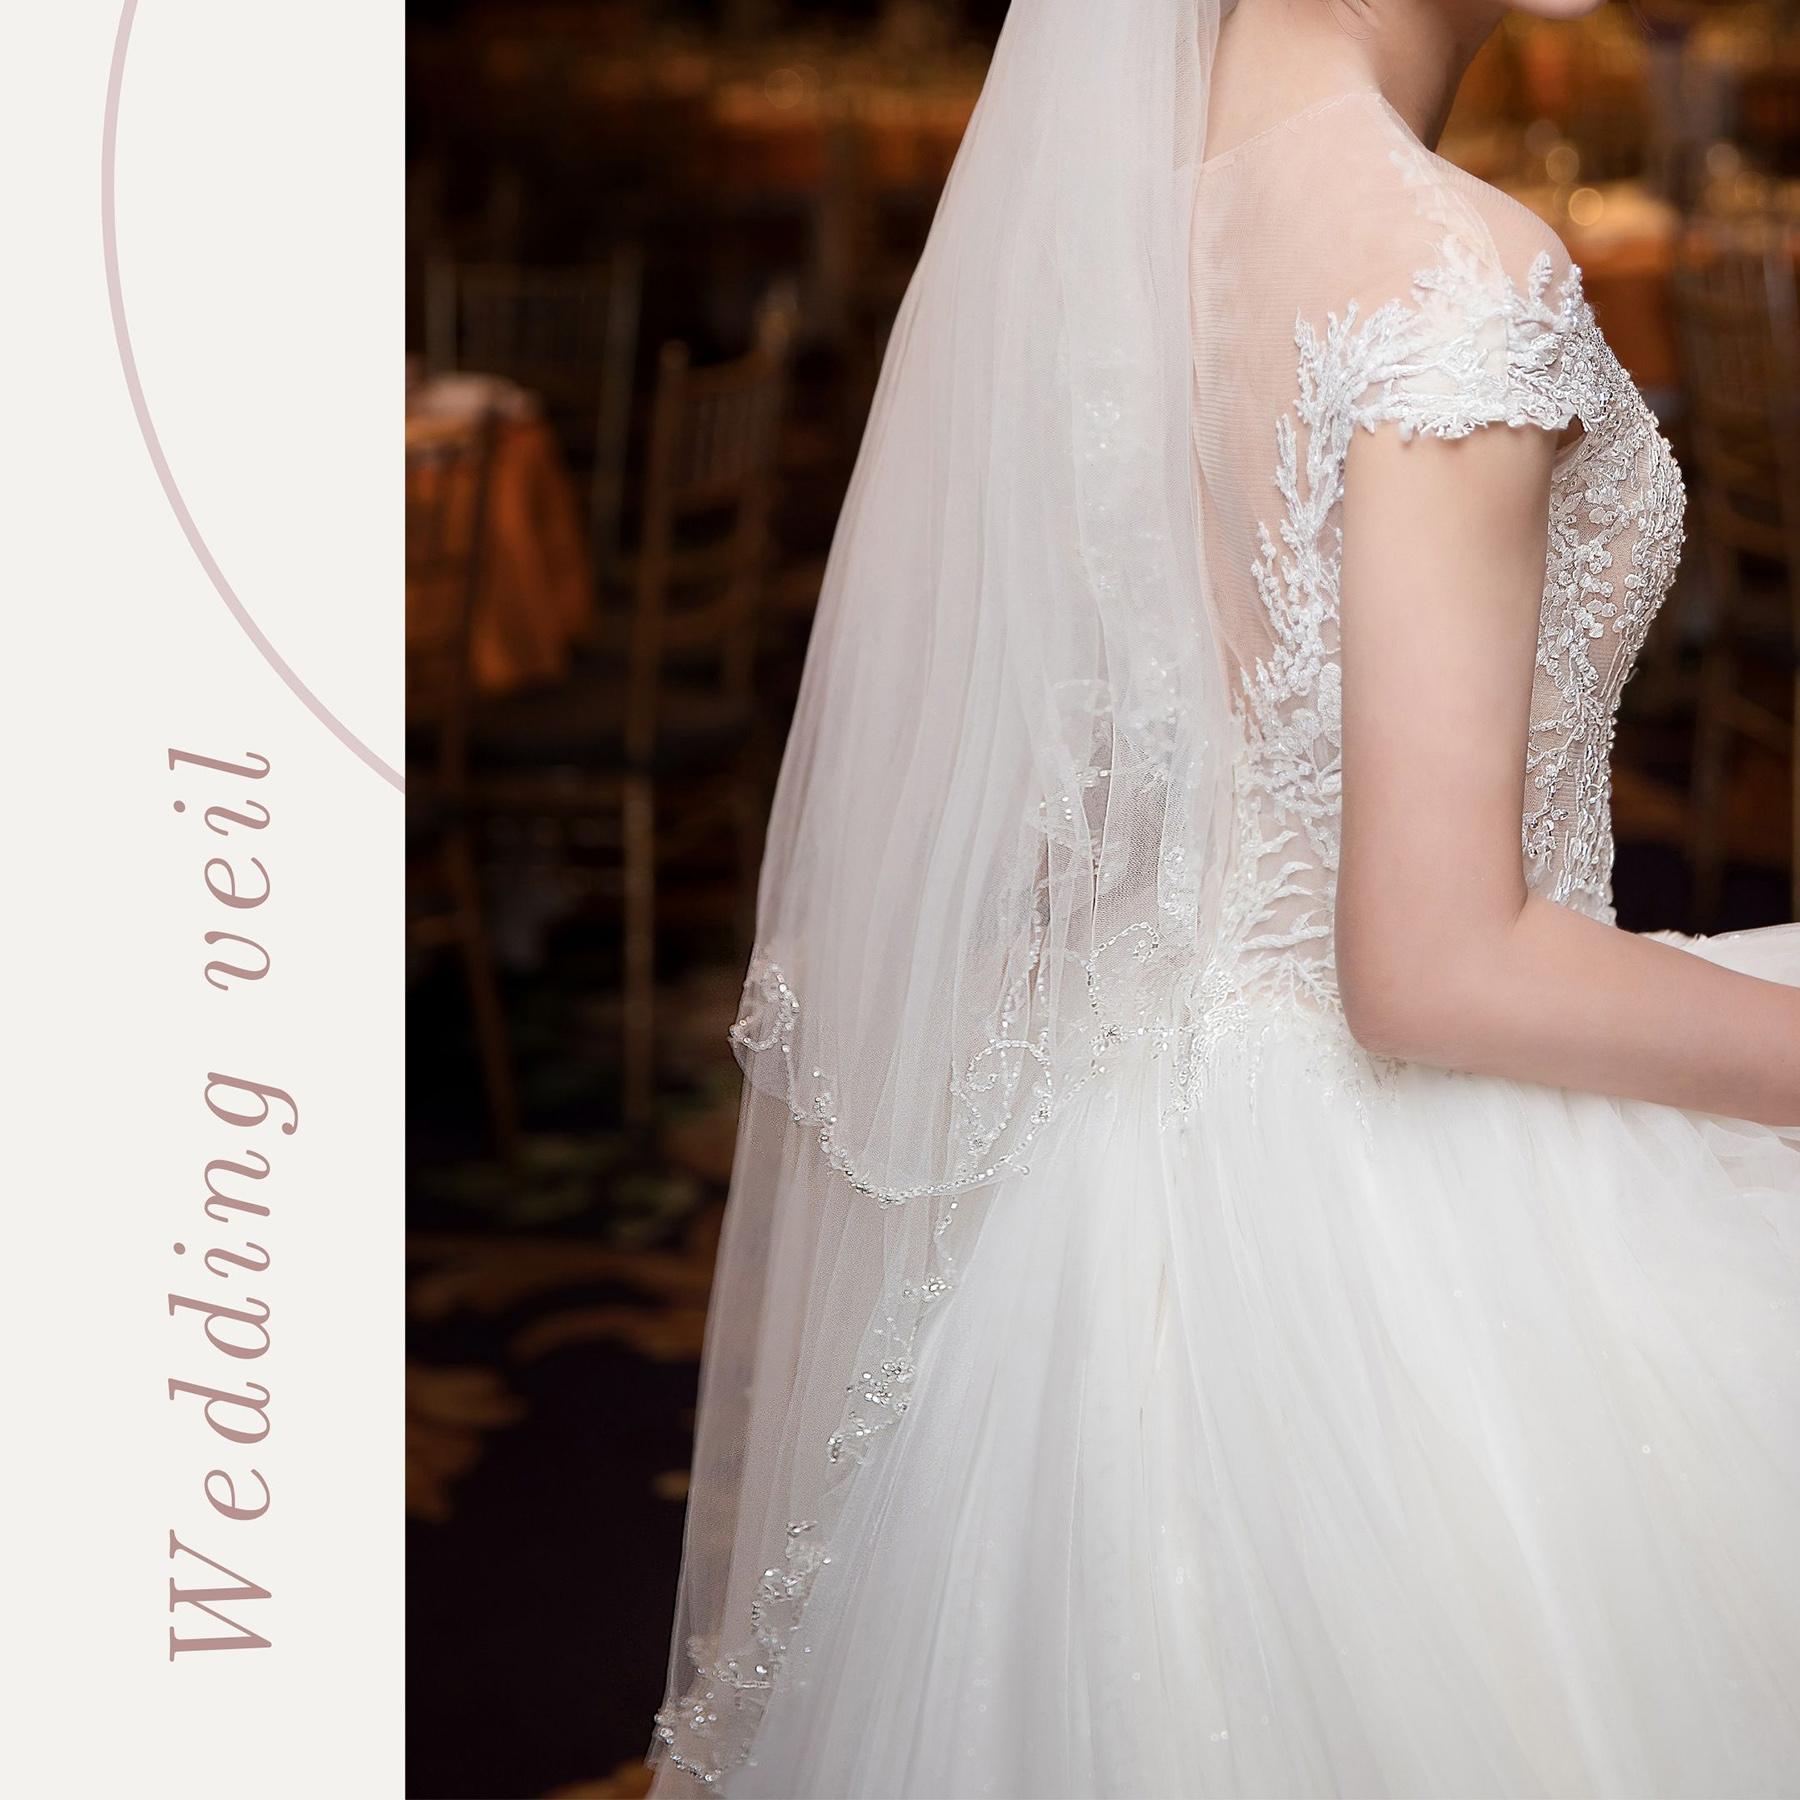 新秘Yuki, 新娘秘書, 新秘, 新娘造型, 白紗造型, 新秘推薦, 新娘妝容, 高雄新秘, 盤髮造型